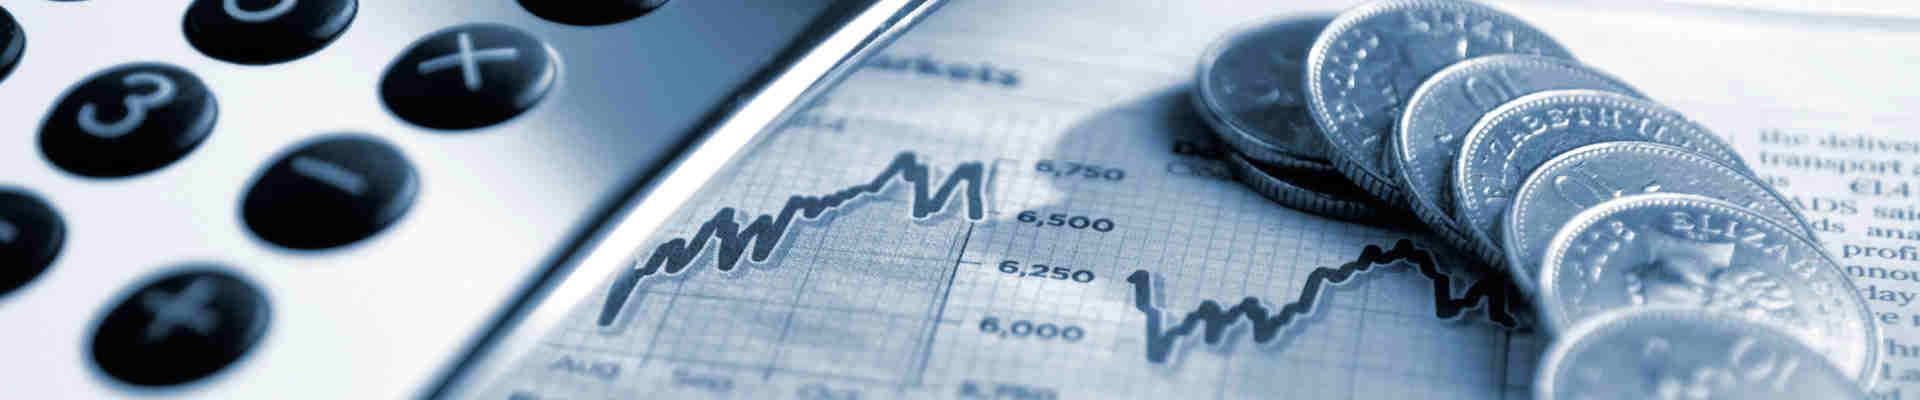 Количество ежемесячных инвестиций в приложении «ВТБ Мои Инвестиции» выросло до 9 млн в месяц